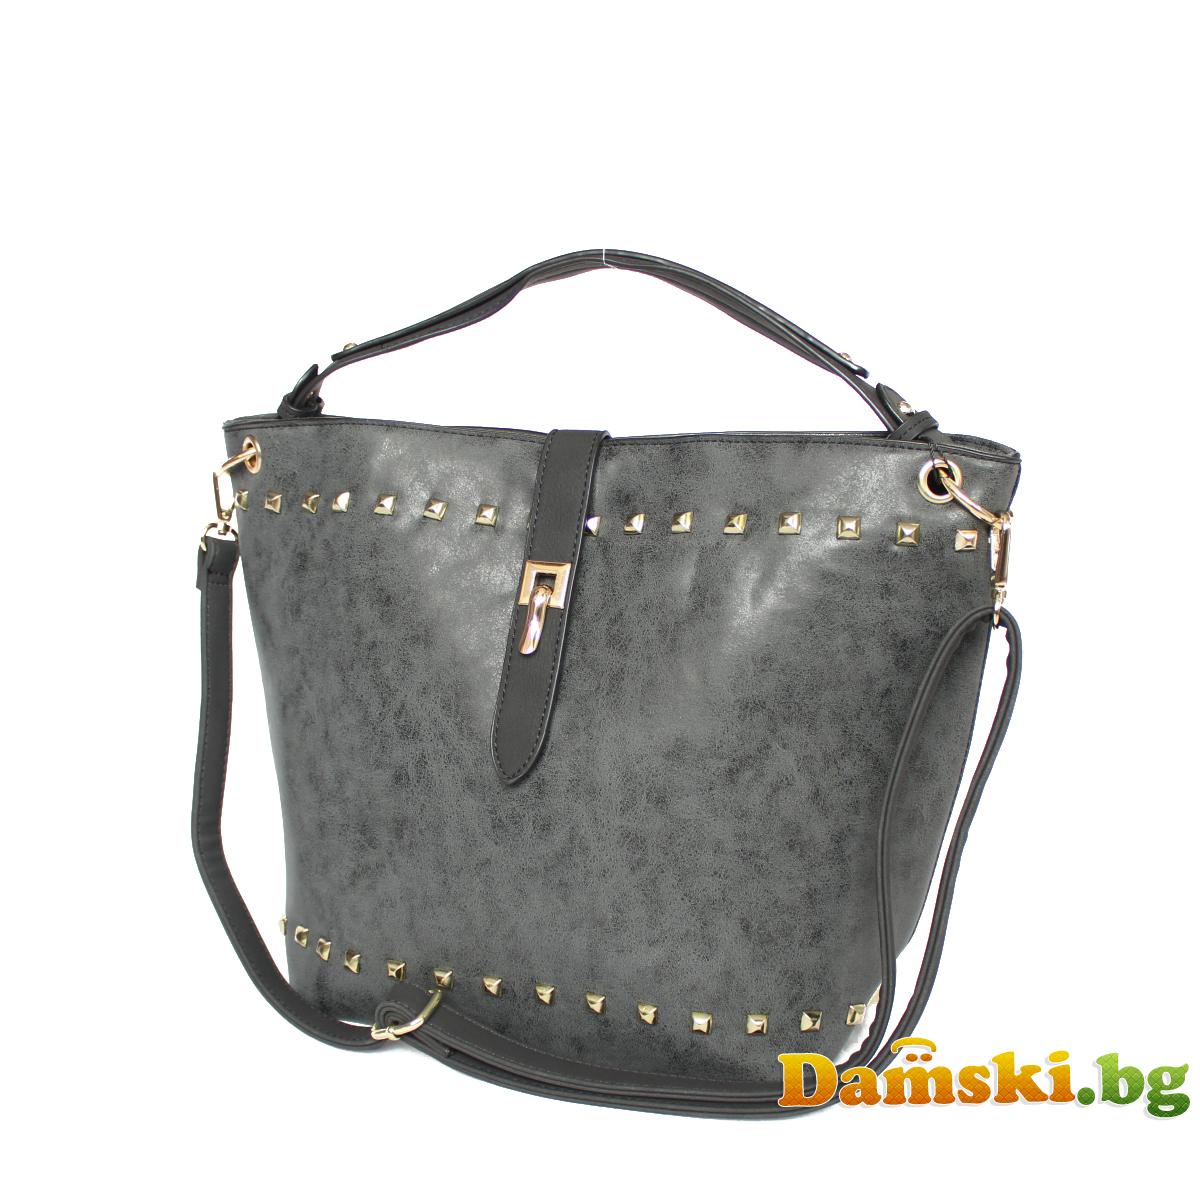 Ежедневна дамска чанта - Графитена Снимка 2 от 3